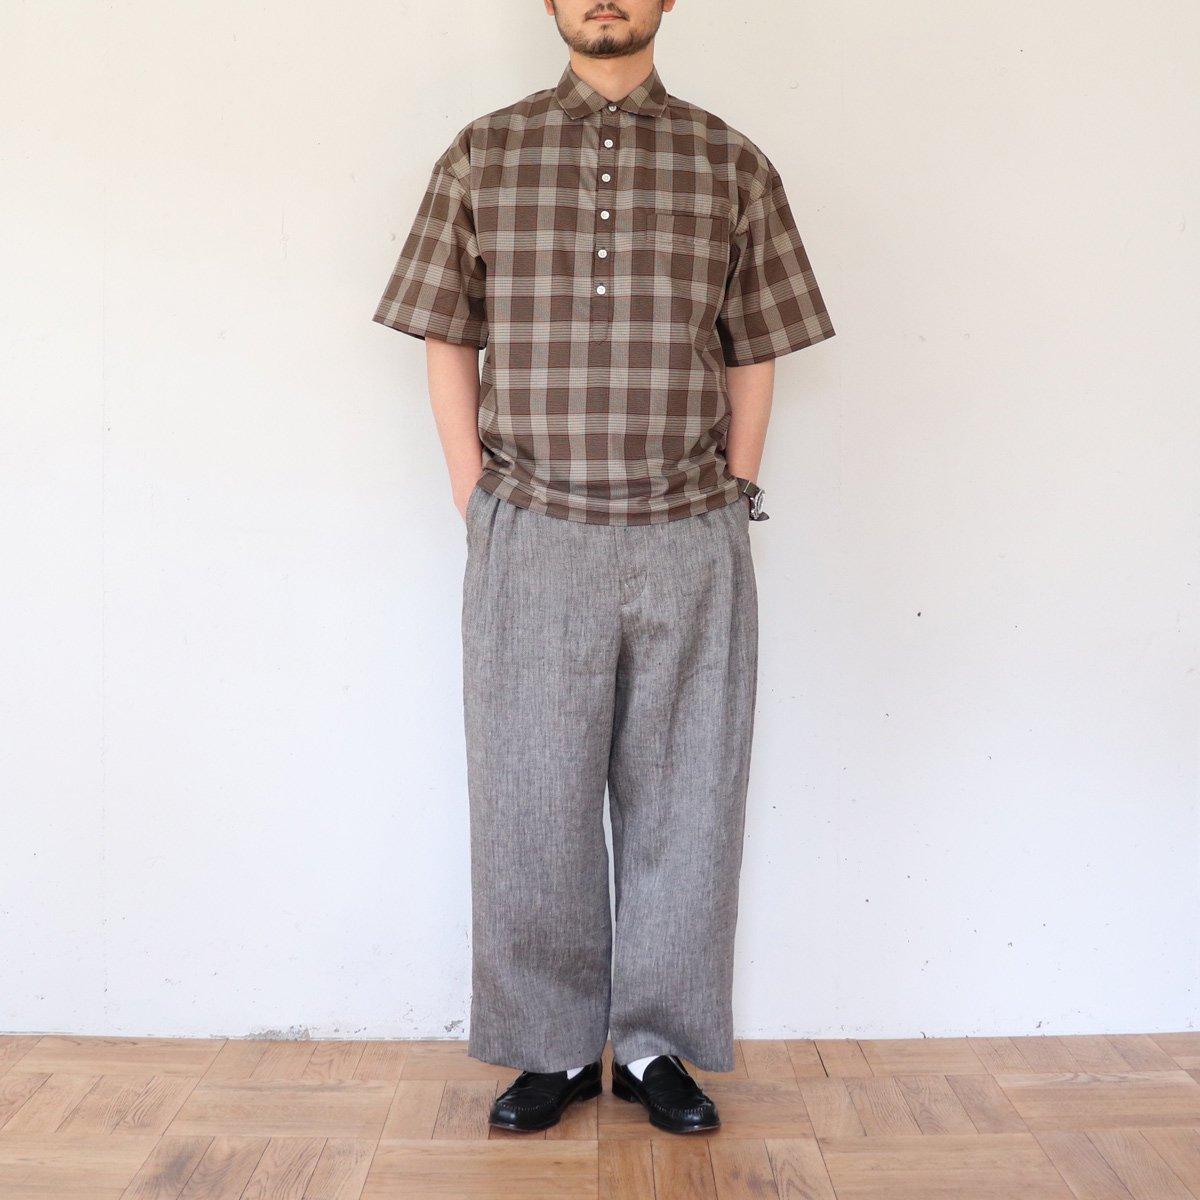 SHIOSAINO SHIRTS 詳細画像5